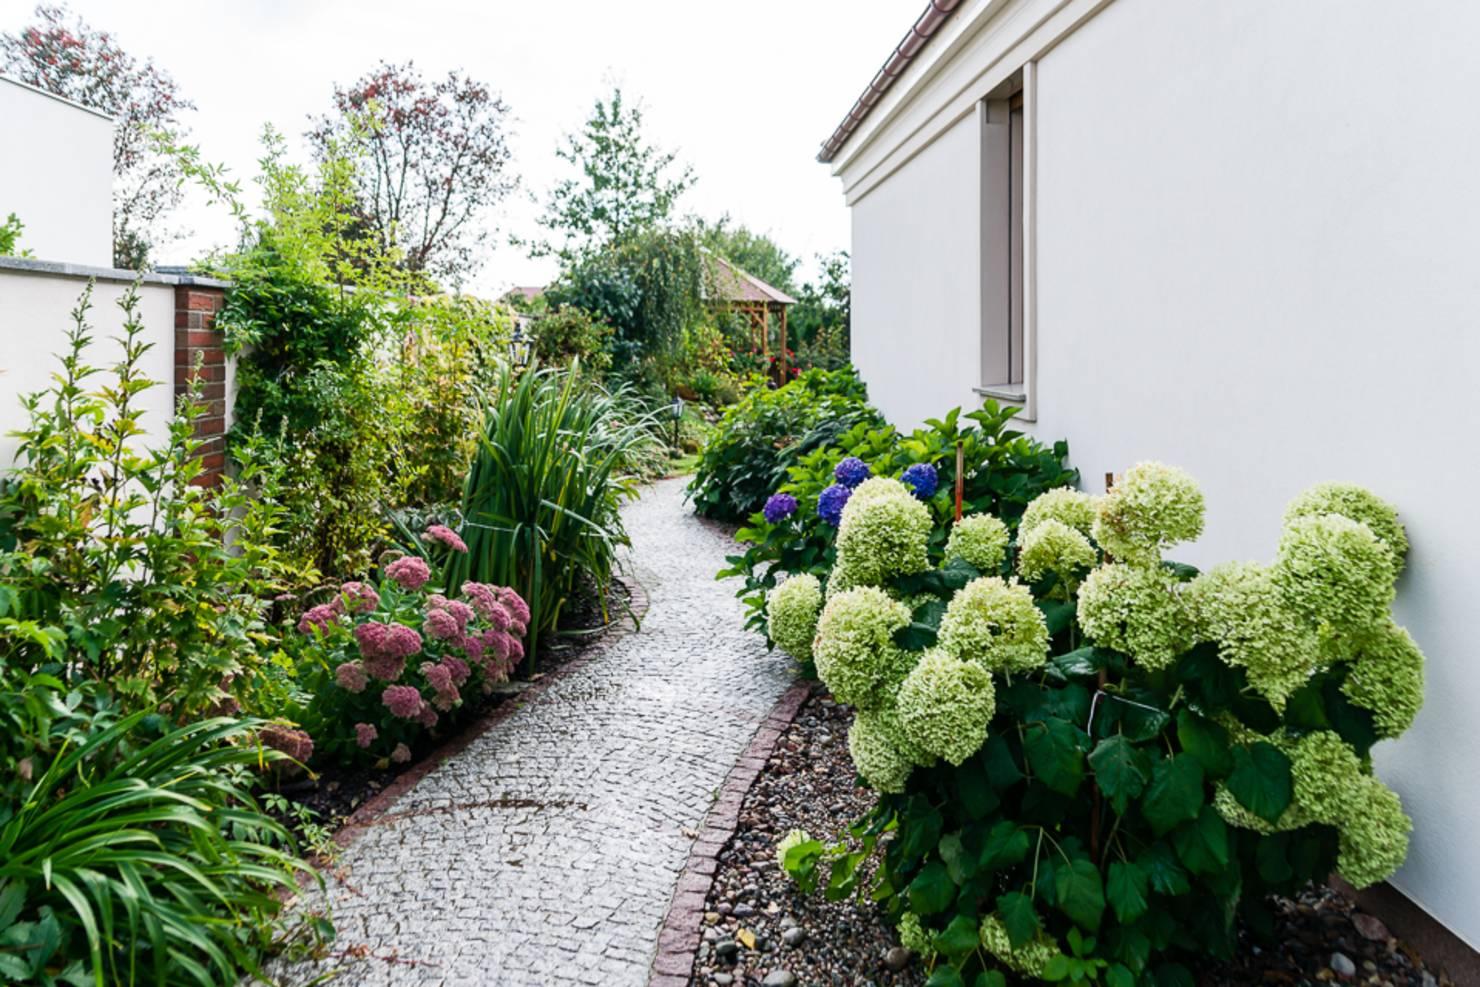 Compact Bahçenin Ev Peyzaj Bahçe için  Bitki Seçimi İpuçları